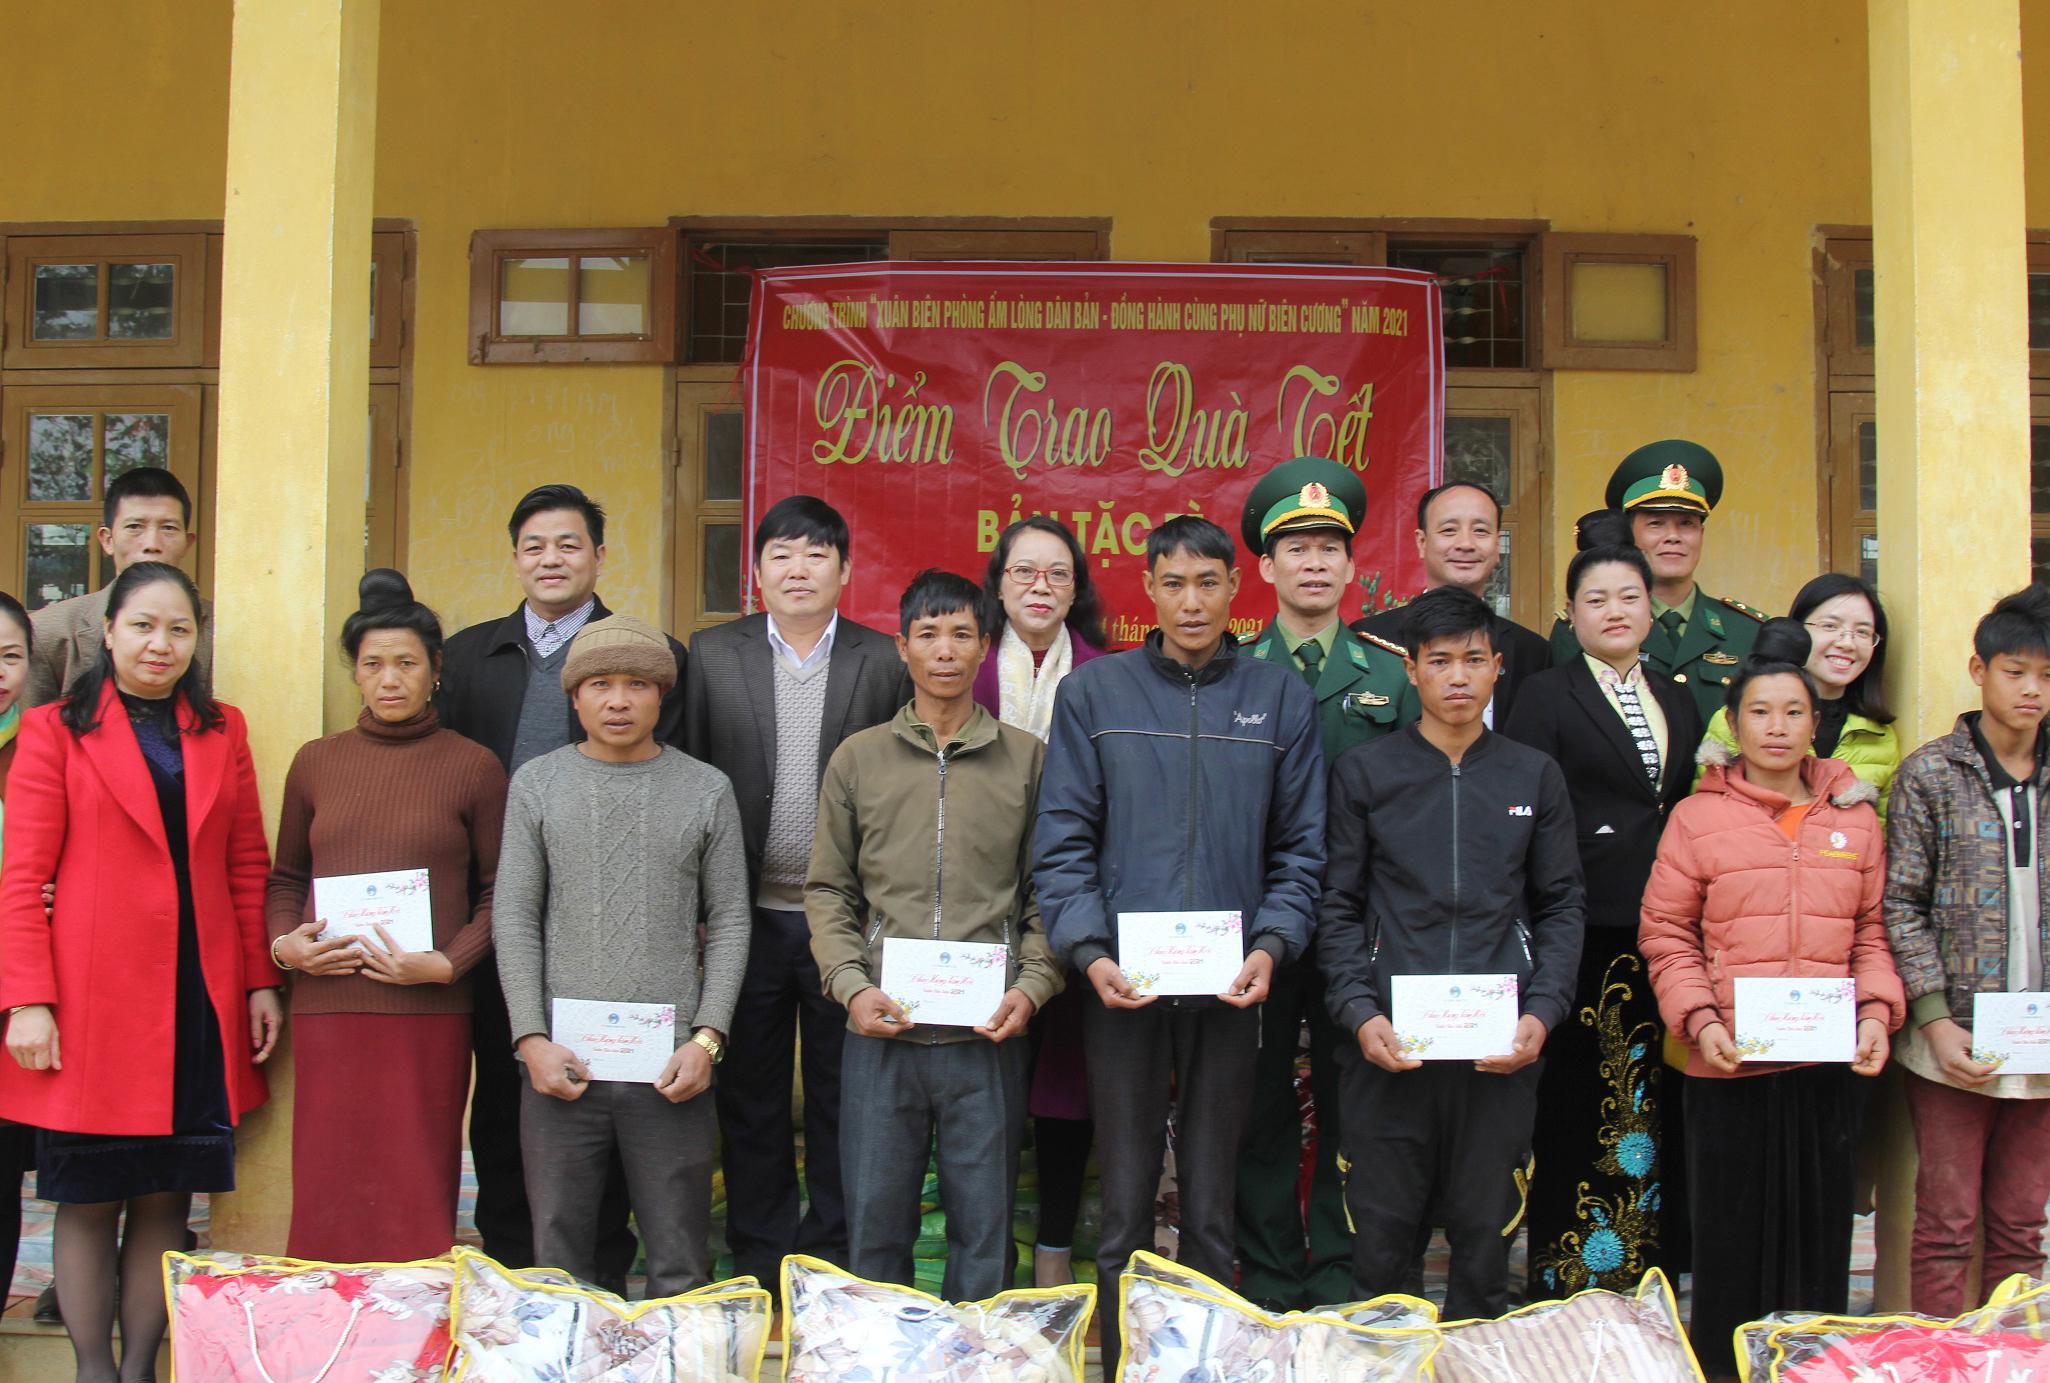 Thứ trưởng, Phó Chủ nhiệm Hoàng Thị Hạnh tặng quà Tết người dân bản Tặc Tè